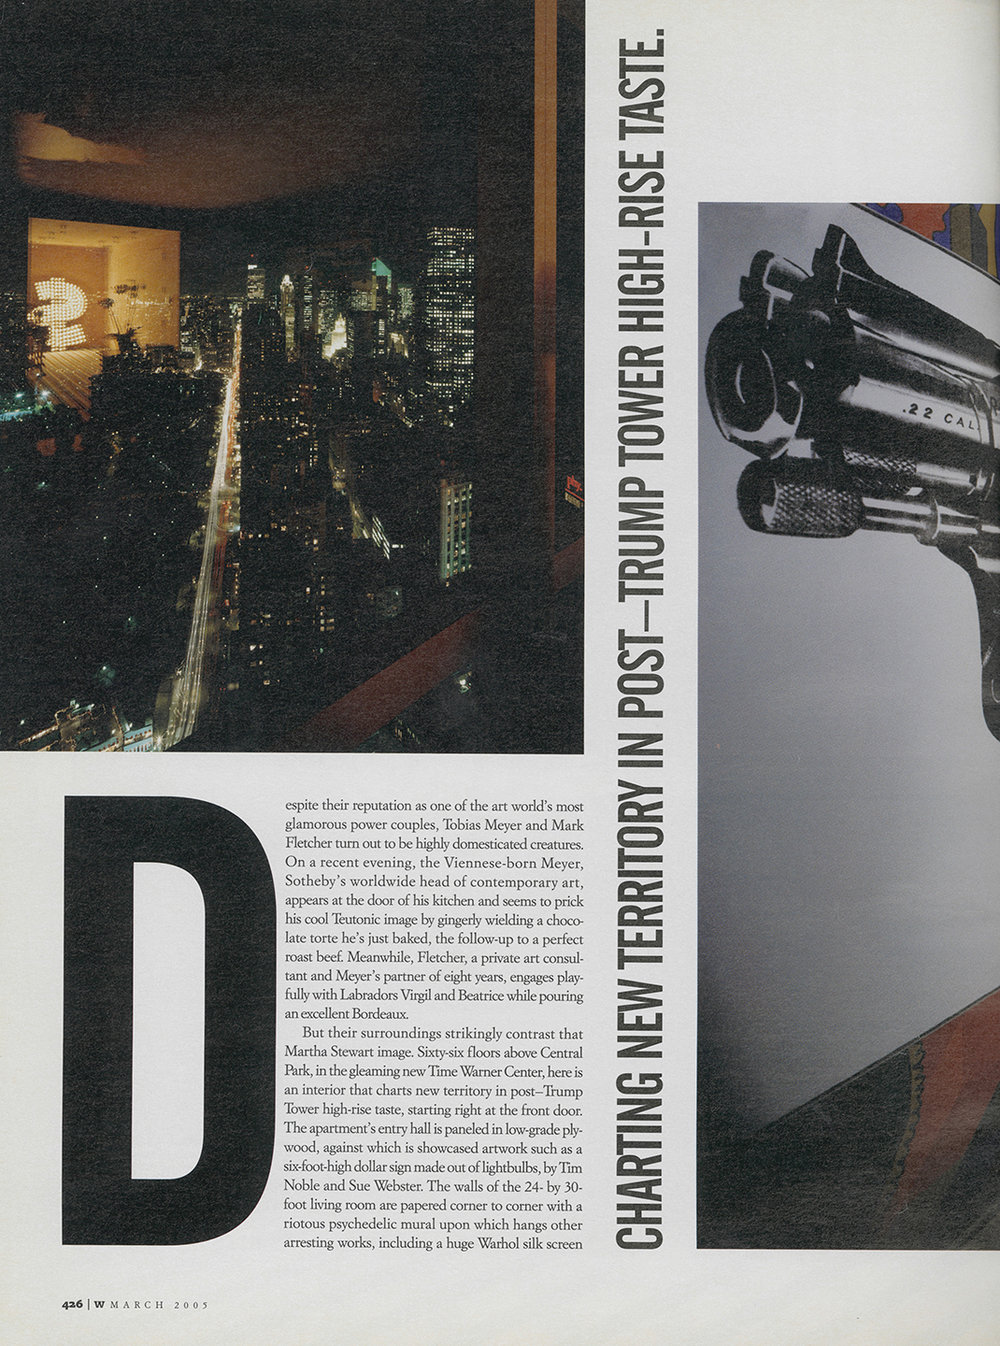 pg426.jpg